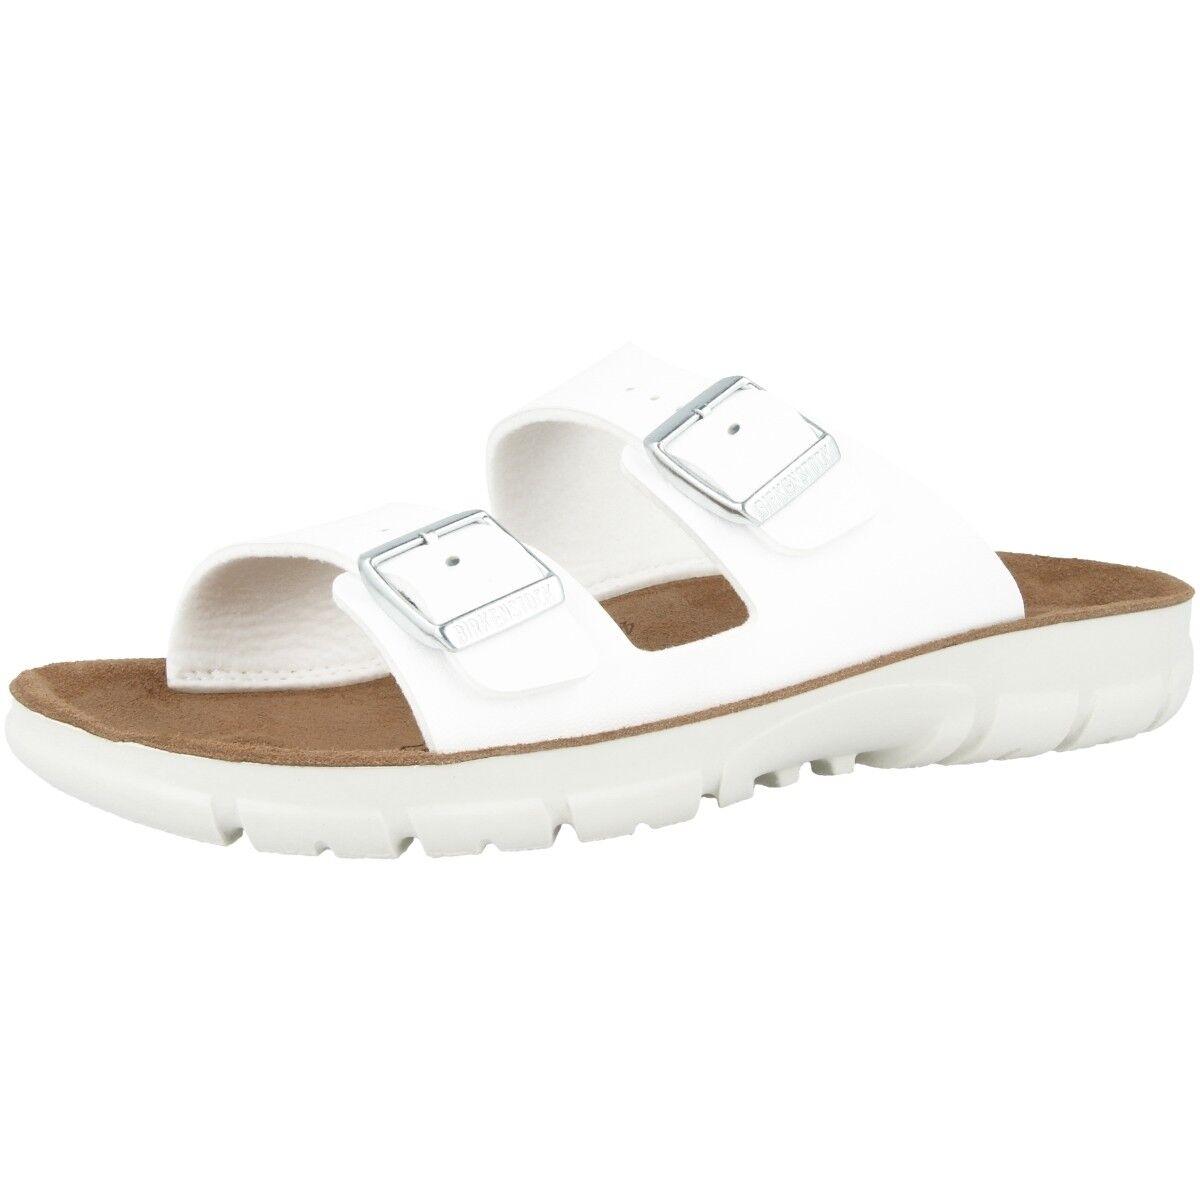 Birkenstock Schuhe Bilbao Birko-Flor Weichbettung Schuhe Birkenstock Sandalen 520783 Weite schmal 3badd9